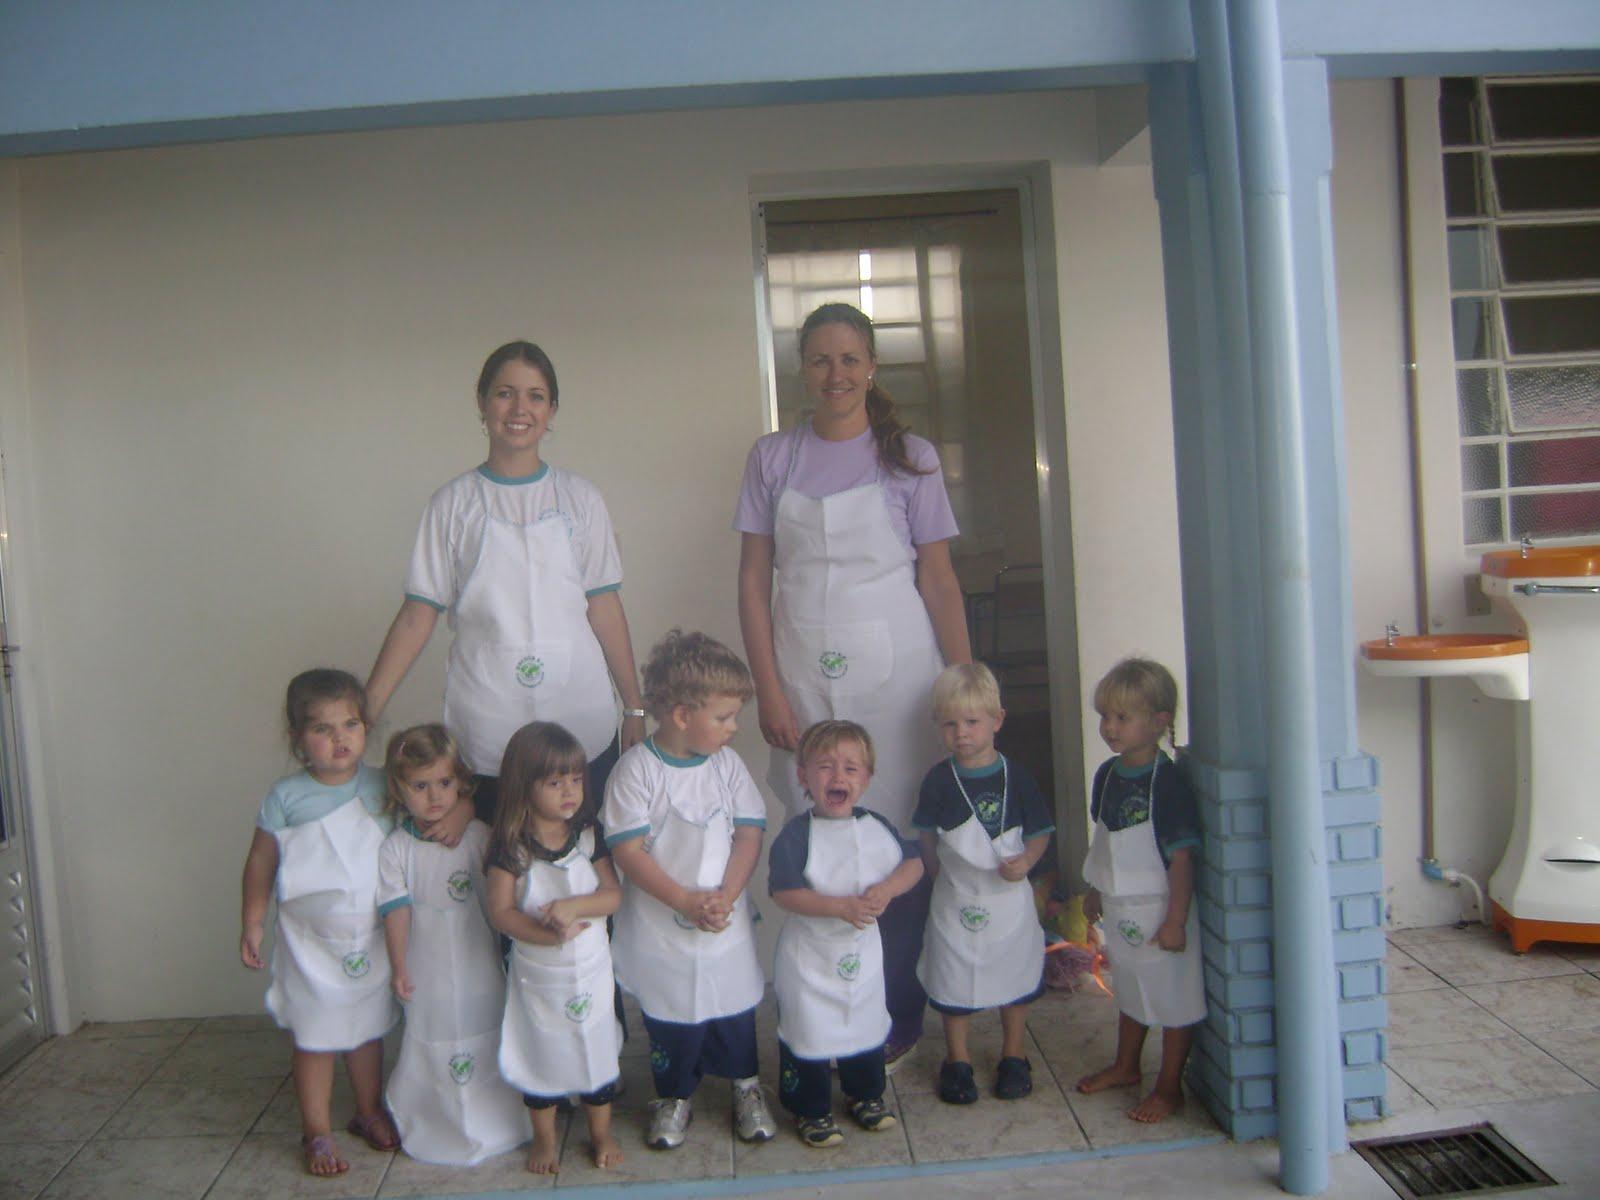 #51647A ESCOLA NOSSA SENHORA ESTRELA DO MAR: EDUCAÇÃO INFANTIL NA COZINHA 1600x1200 px Projeto Cozinha Experimental Na Escola #2535 imagens